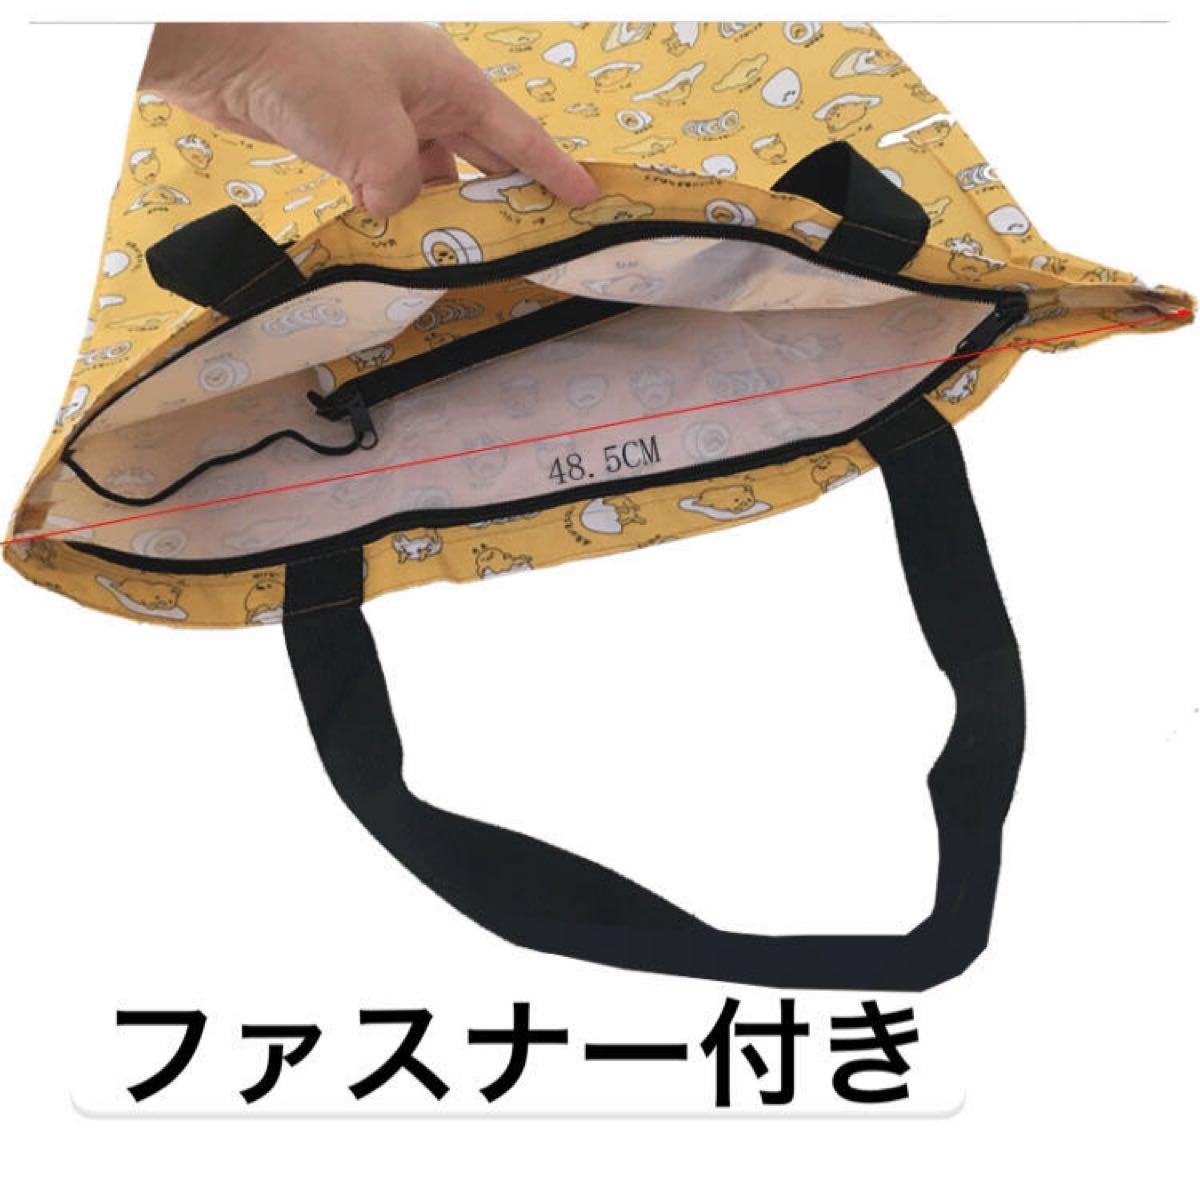 エコバッグ 大容量 防水エコバッグ トートショッピングバッグ